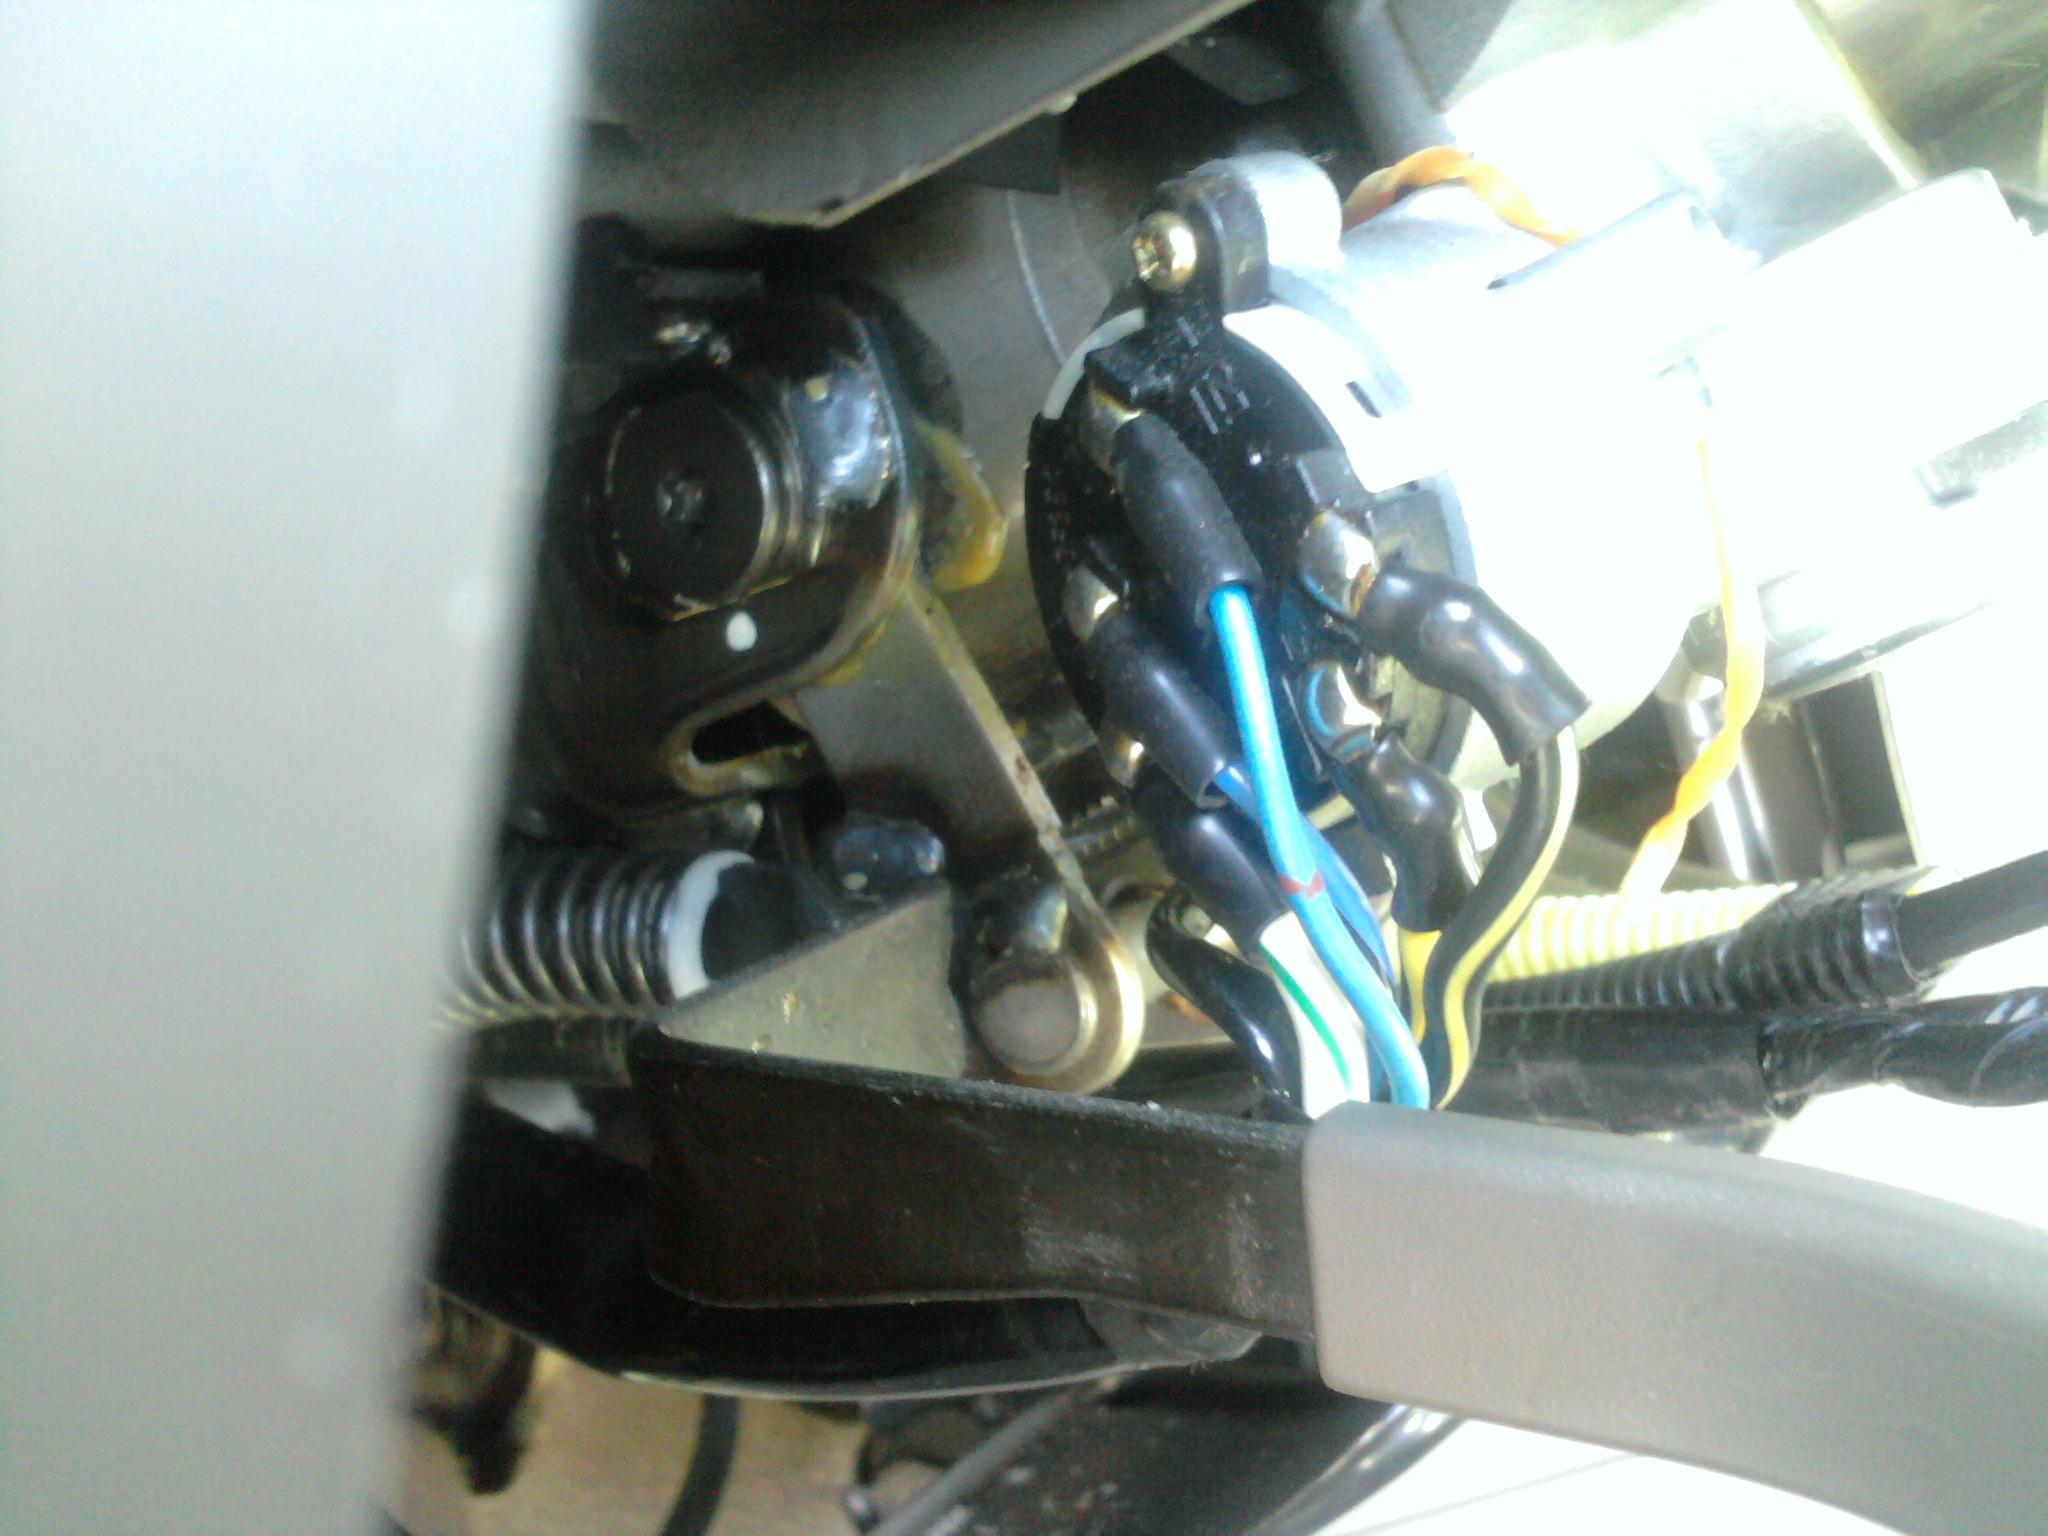 2007 Xl7 Trailer Wire Harness Kit Suzuki Forums Forum Site Wiring